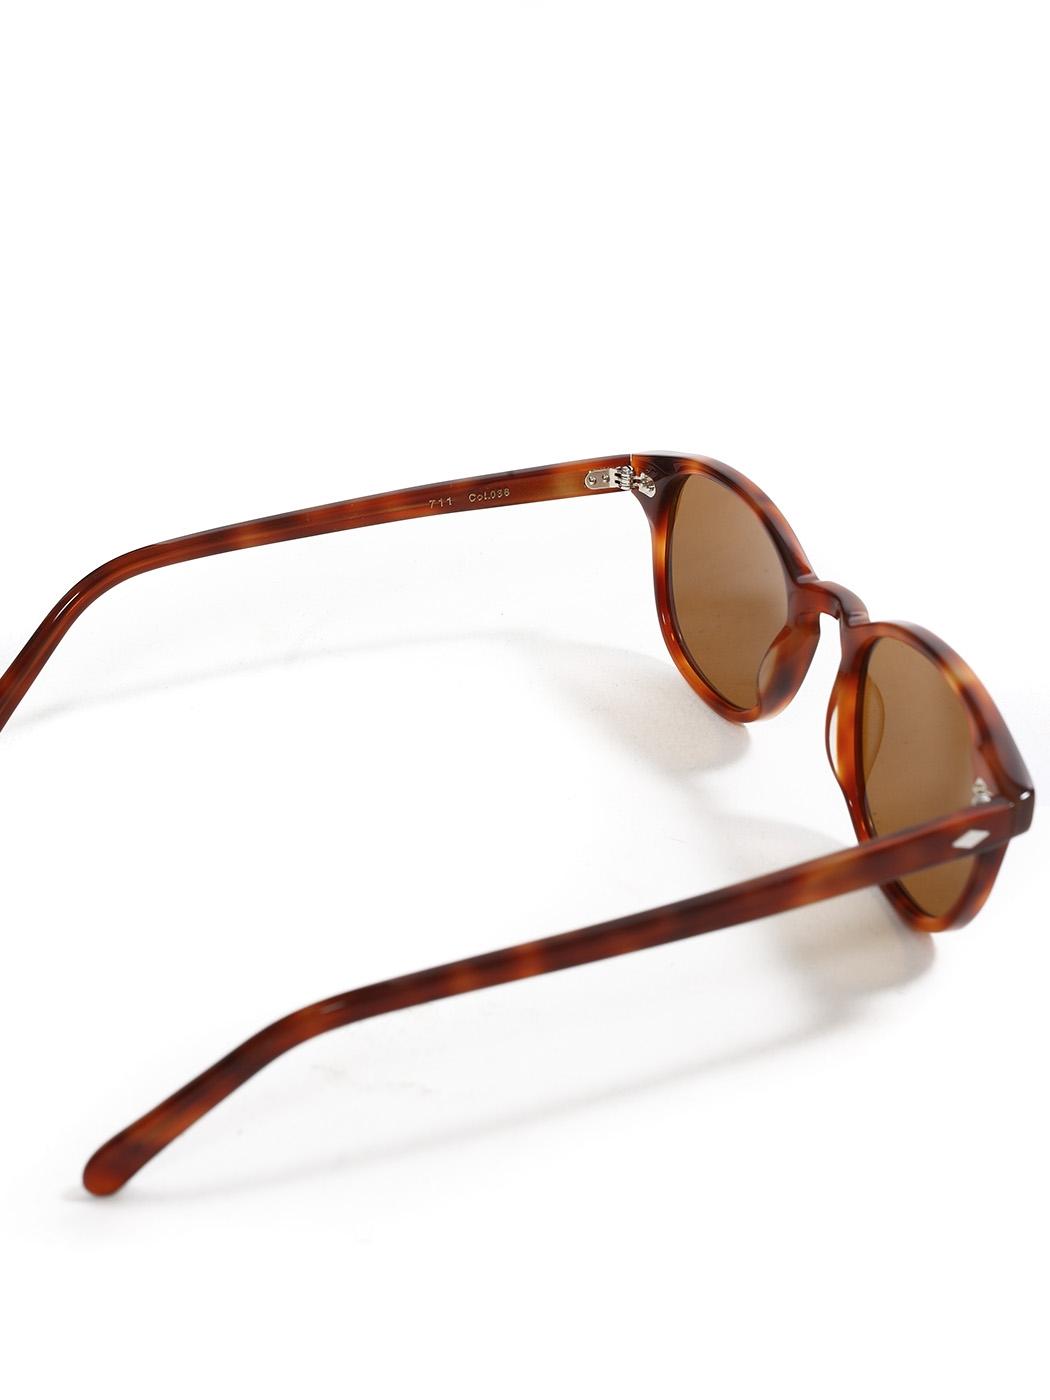 8d0f39cb5f ... Lunettes de soleil La 711 monture écaille camel verres marron clair  Prix boutique 260€ NEUVES